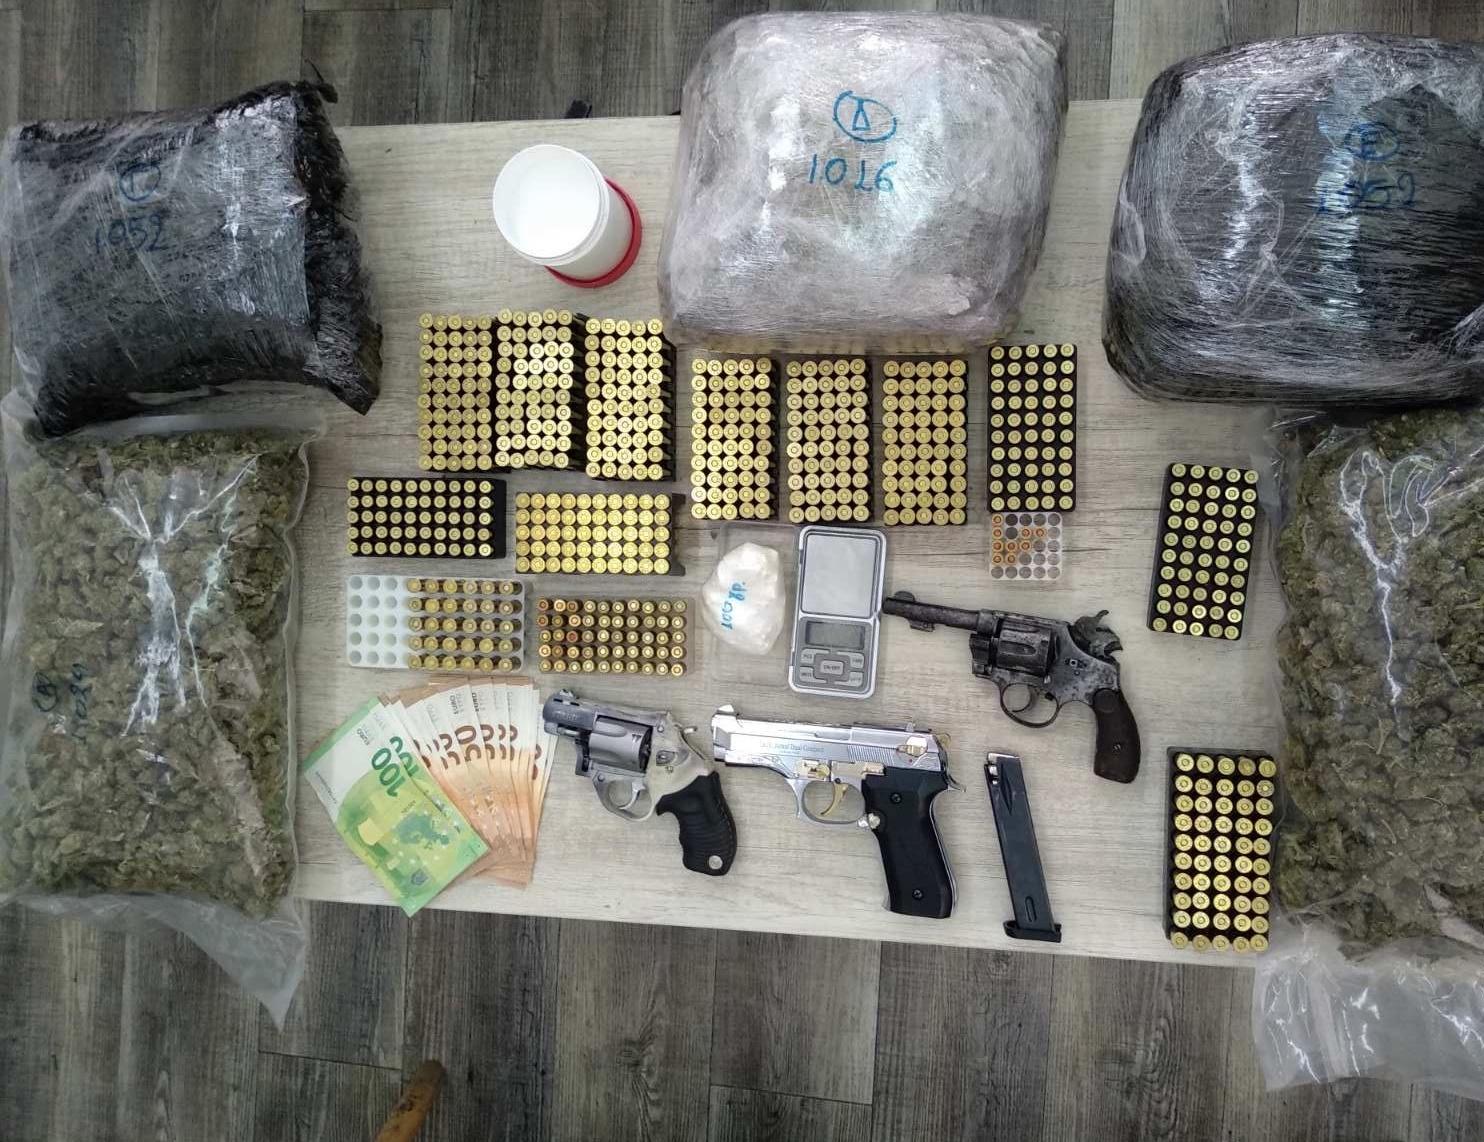 Πάτρα: Έπιασαν δύο διακινητές ναρκωτικών με 5 κιλά χασίς